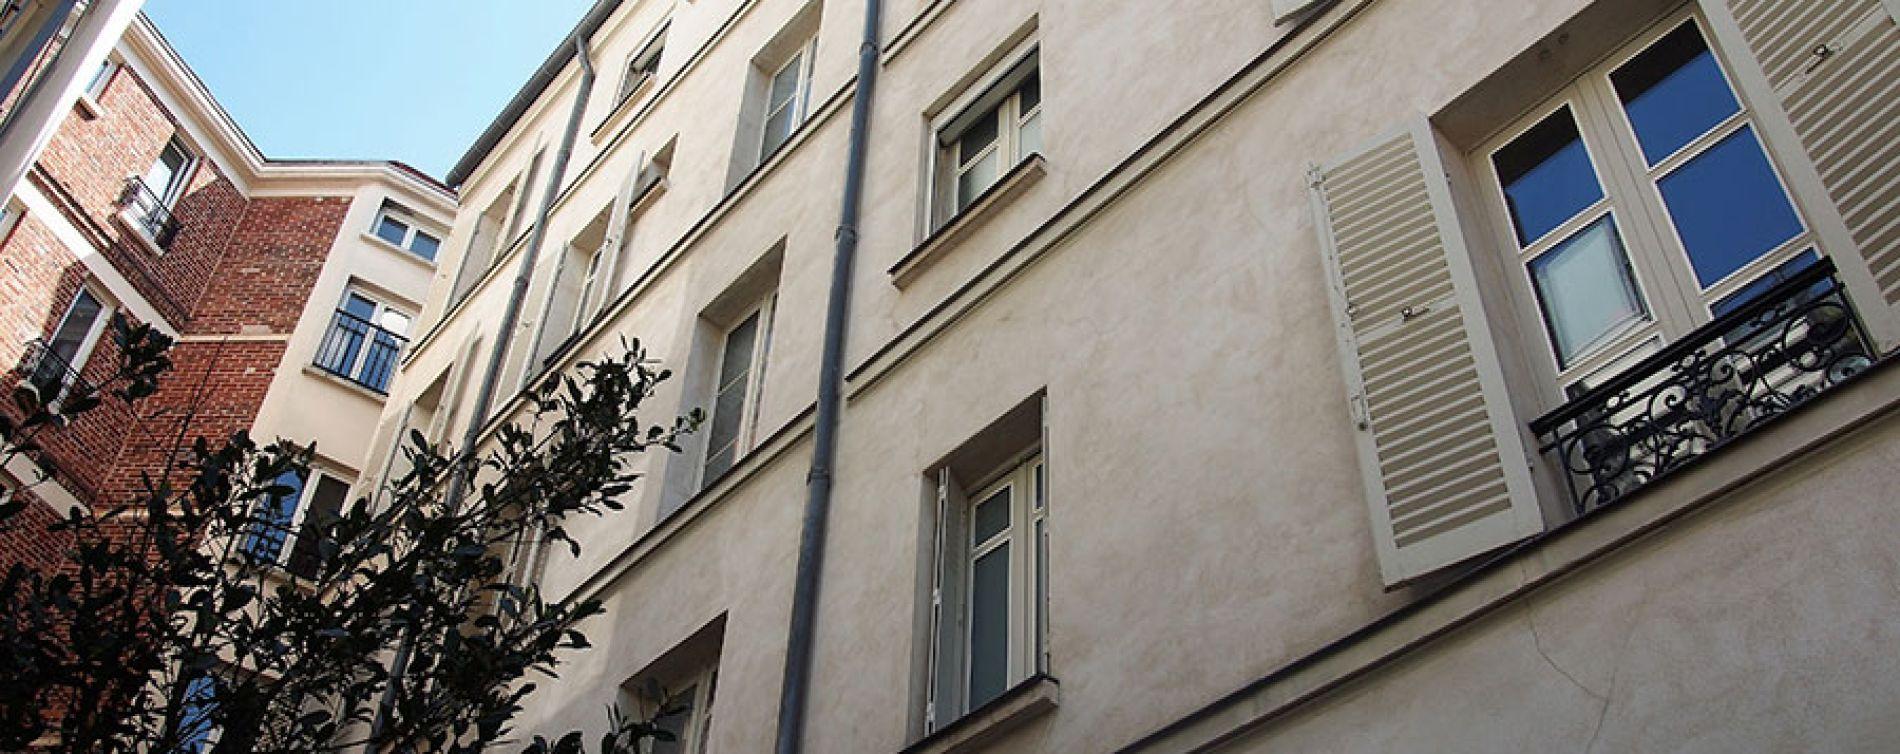 Suresnes : programme immobilier à rénover « Le 199 » en Déficit Foncier (3)